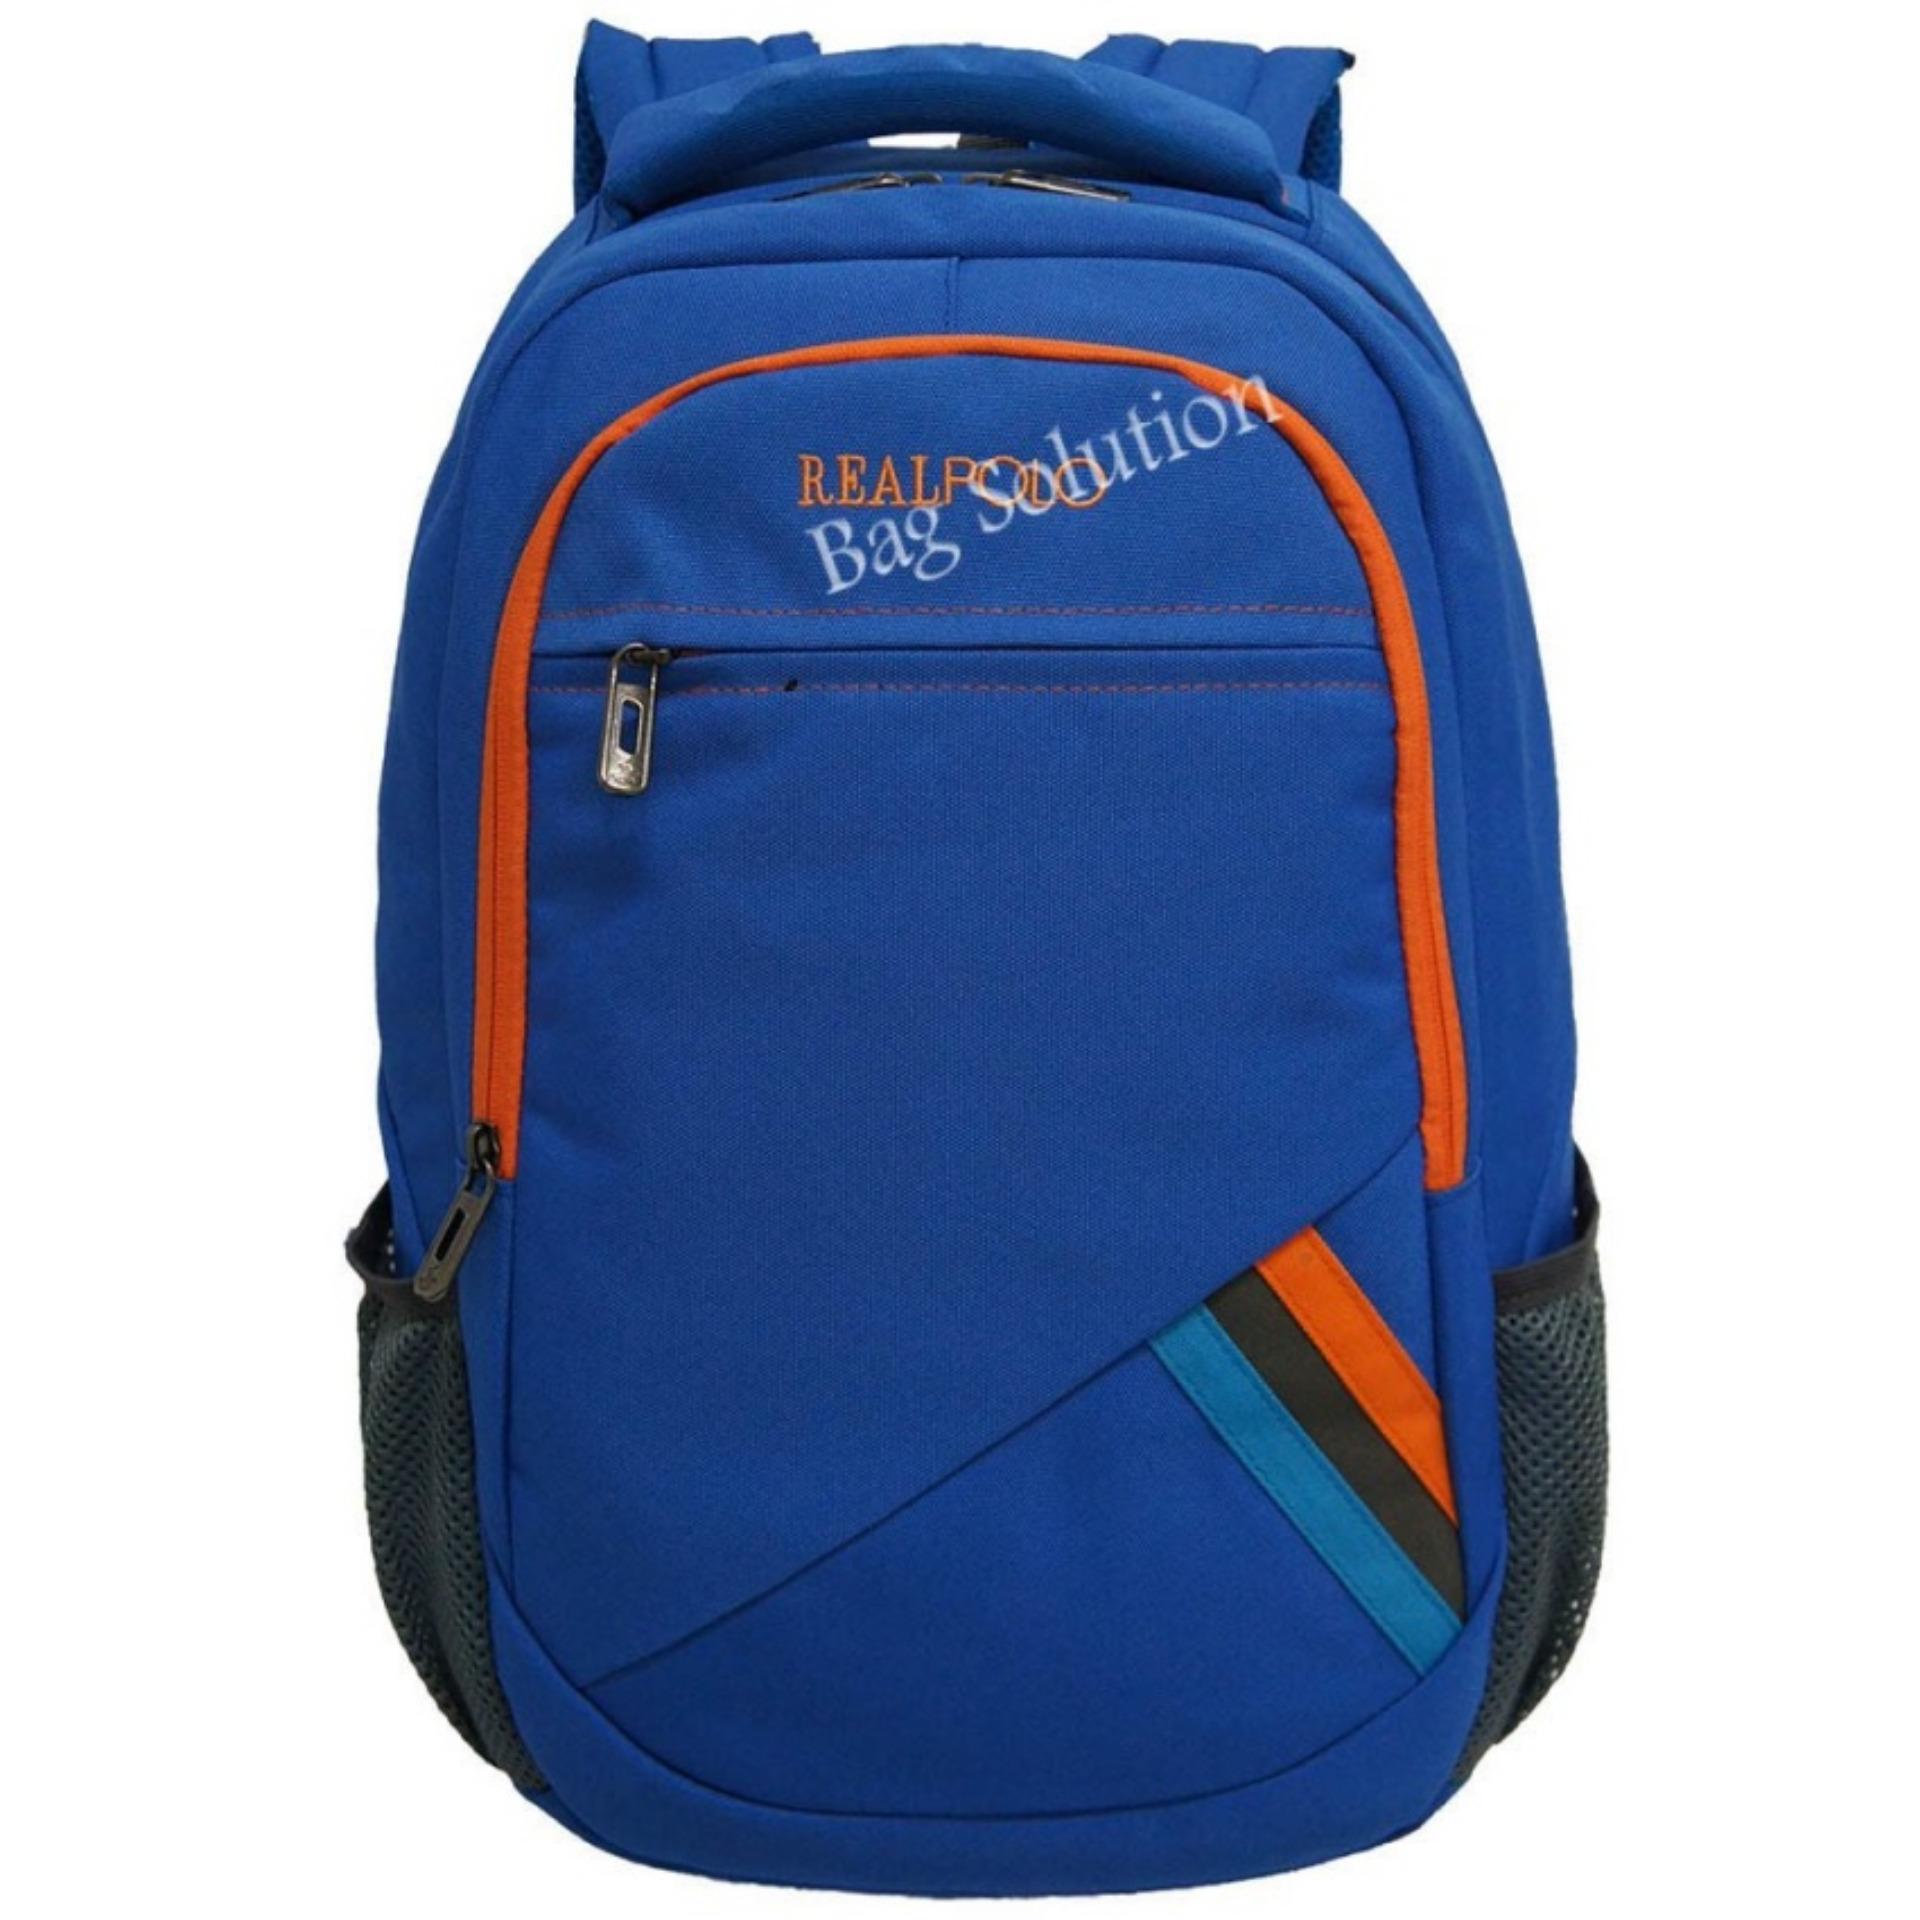 Jual Real Polo Tas Ransel Laptop Kasual Tas Pria Tas Wanita 6356 Backpack Up To 15 Inch Bonus Bag Cover Biru Termurah